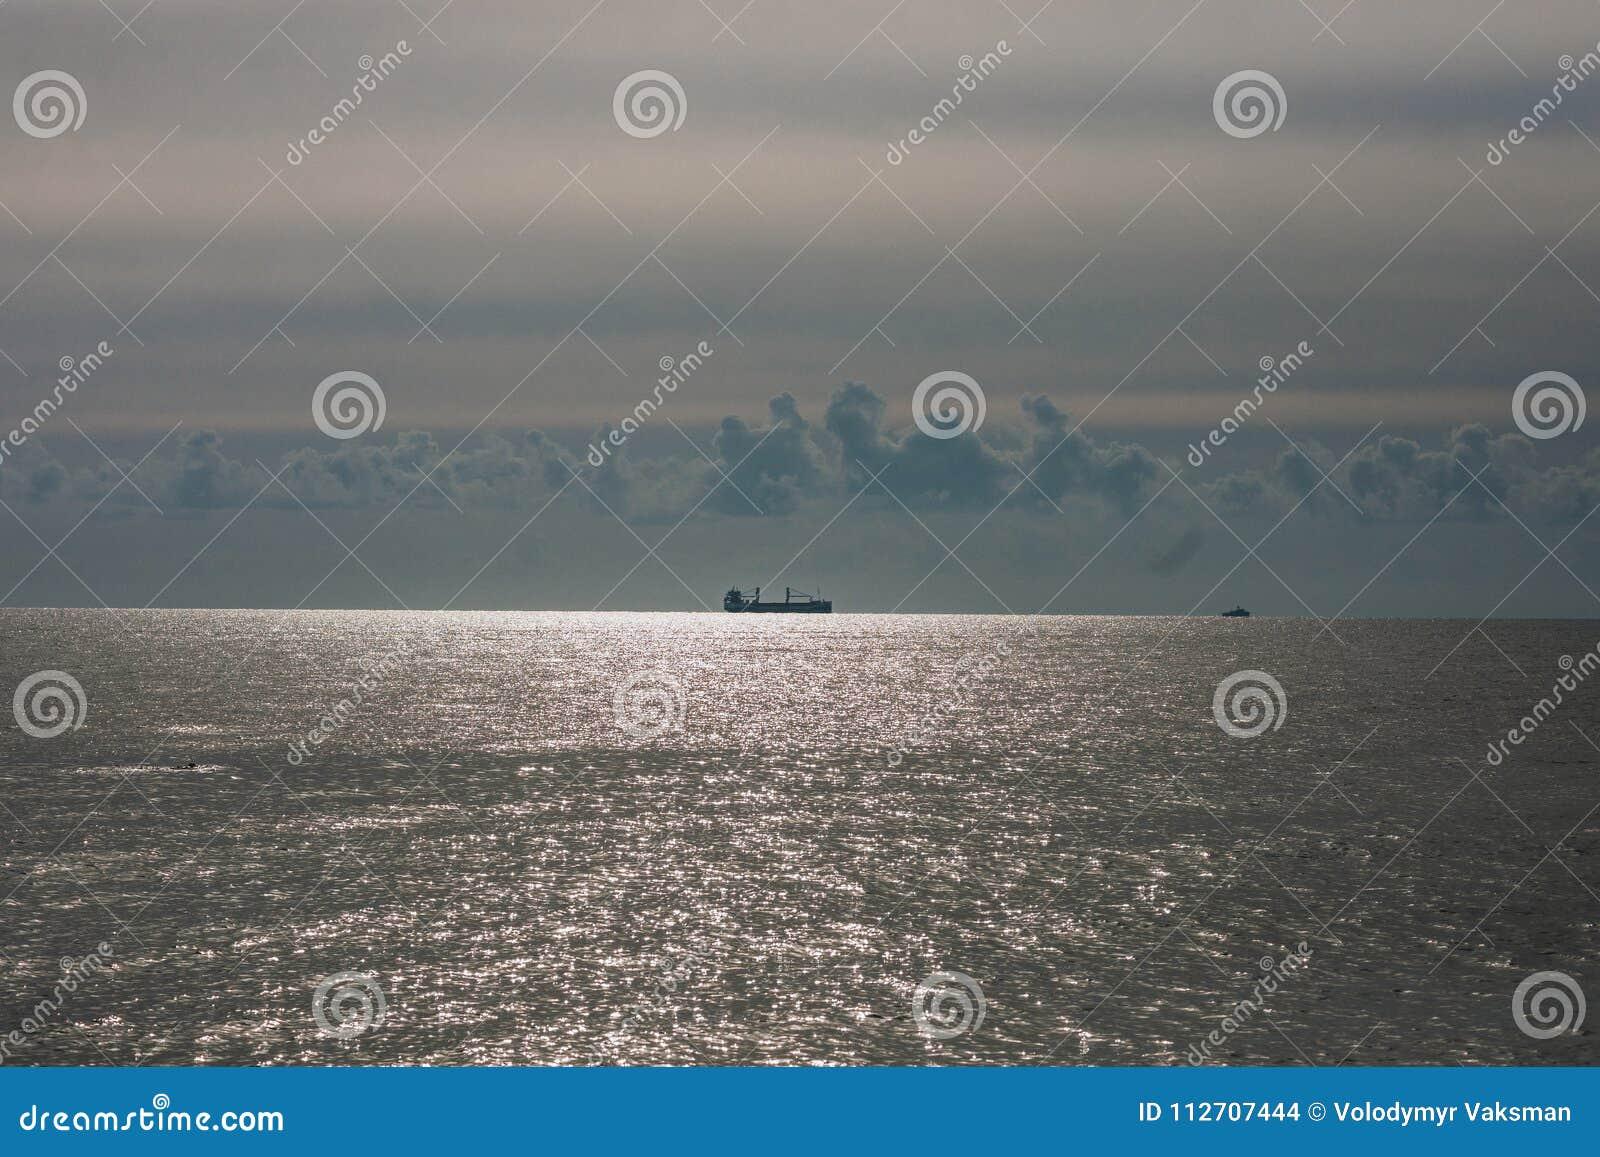 Barka bagruje schronienie usuwa kamienie i piasek